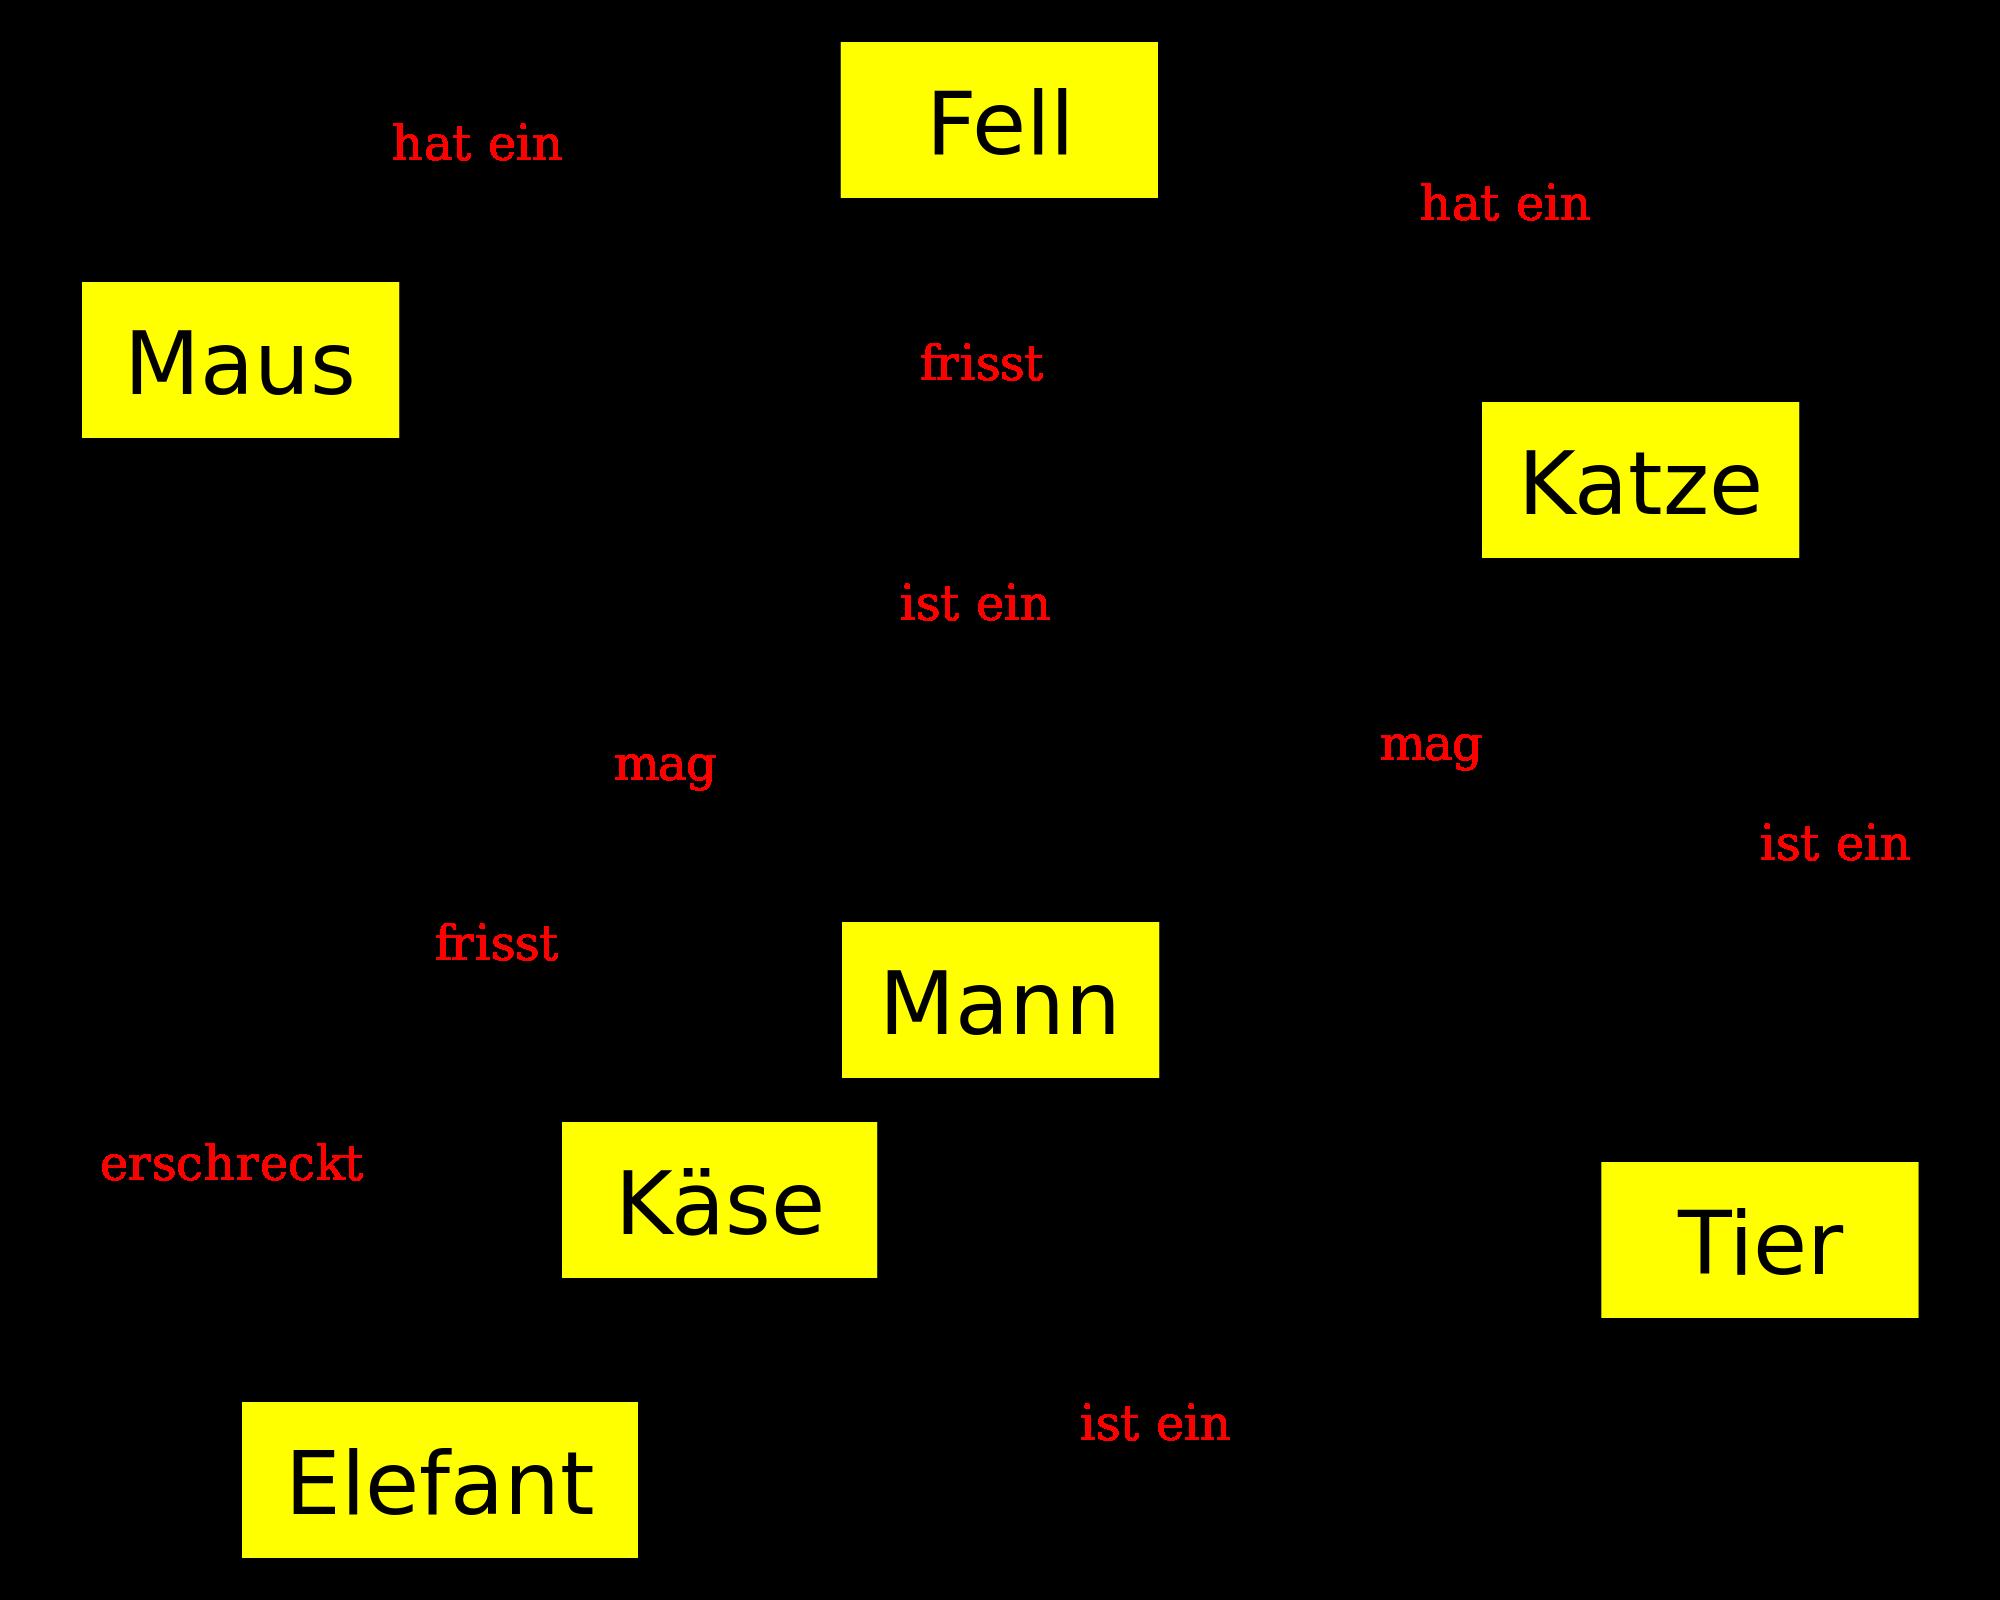 Beispiel einer Concept Map